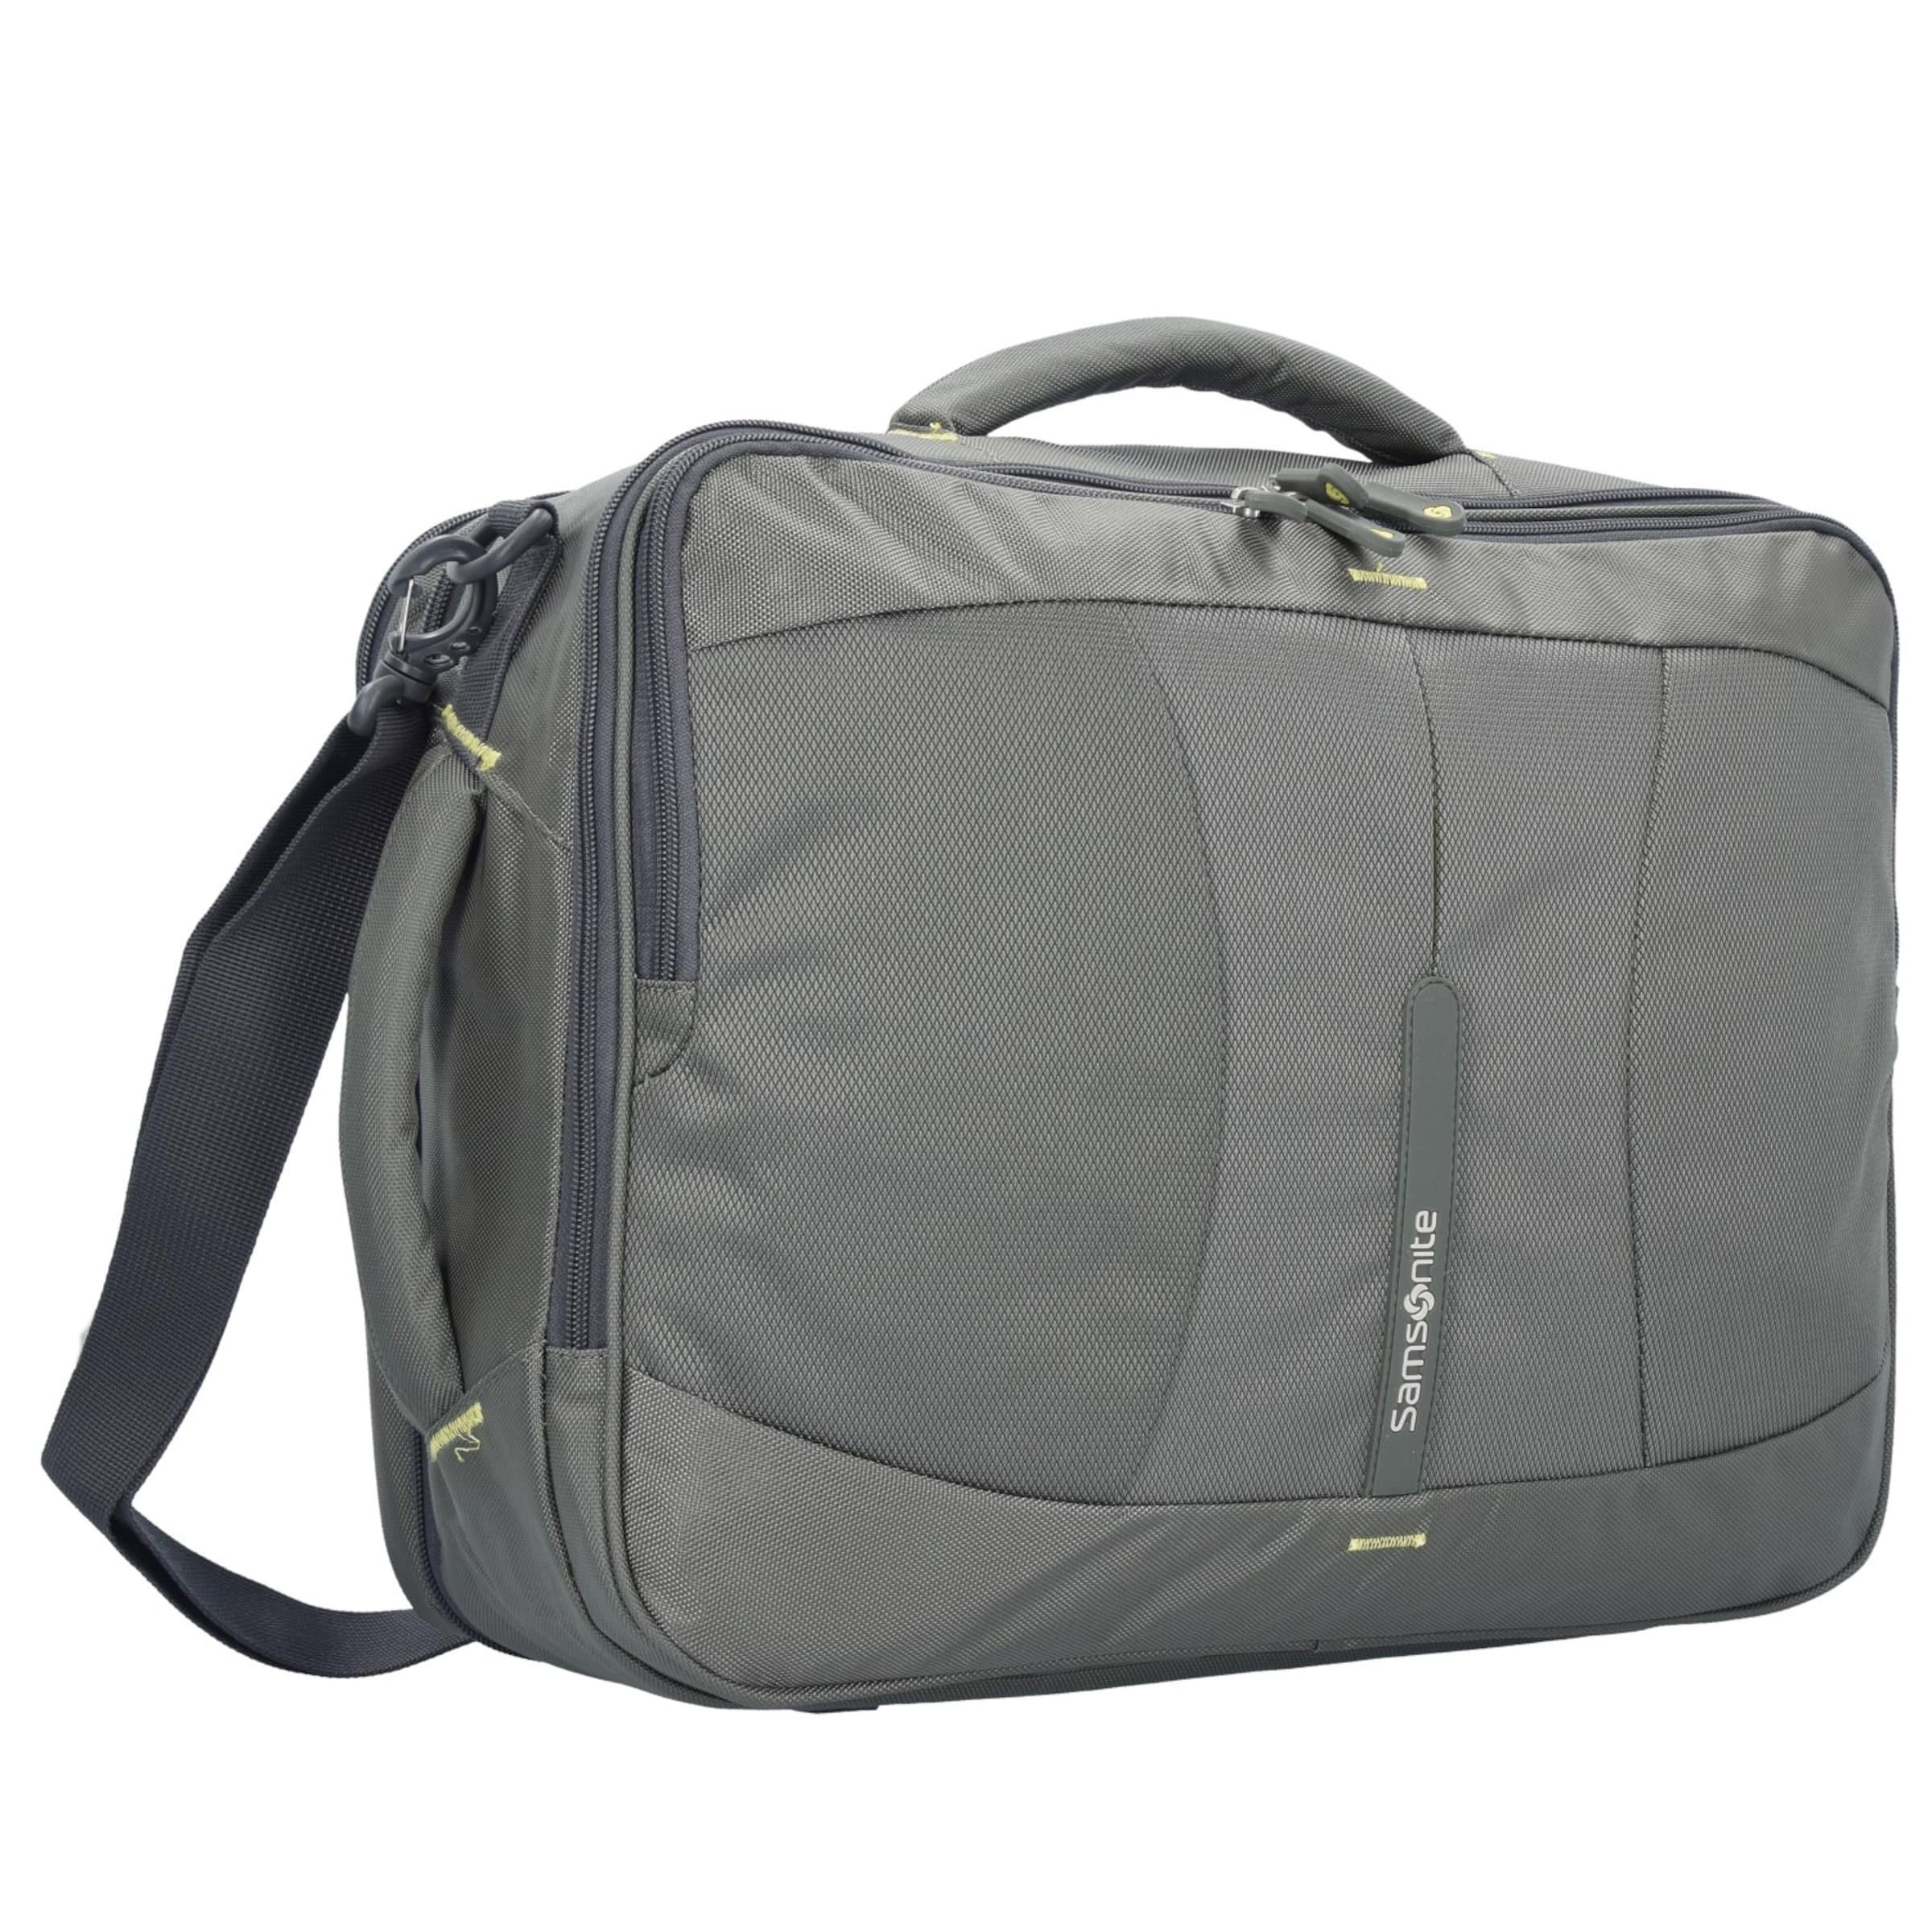 SAMSONITE 4Mation Schultertasche 43 cm Laptopfach Auslass Perfekt Günstig Kaufen Kauf Bester Lieferant Verkauf Besten Preise Auslass Sehr Billig G0Lcn5kVQC